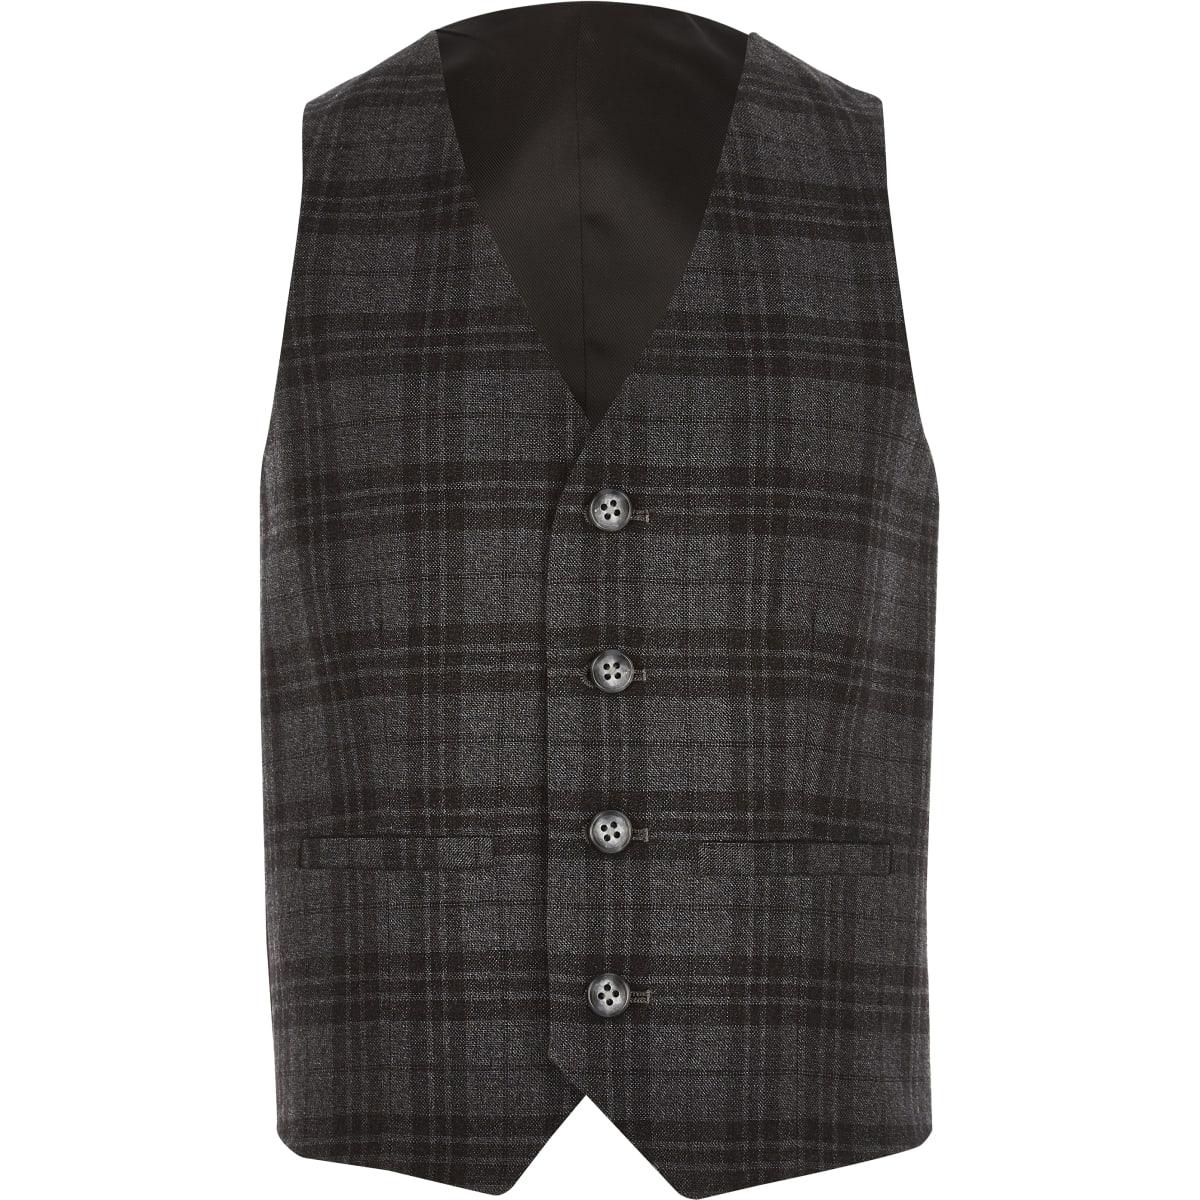 Boys grey check suit vest